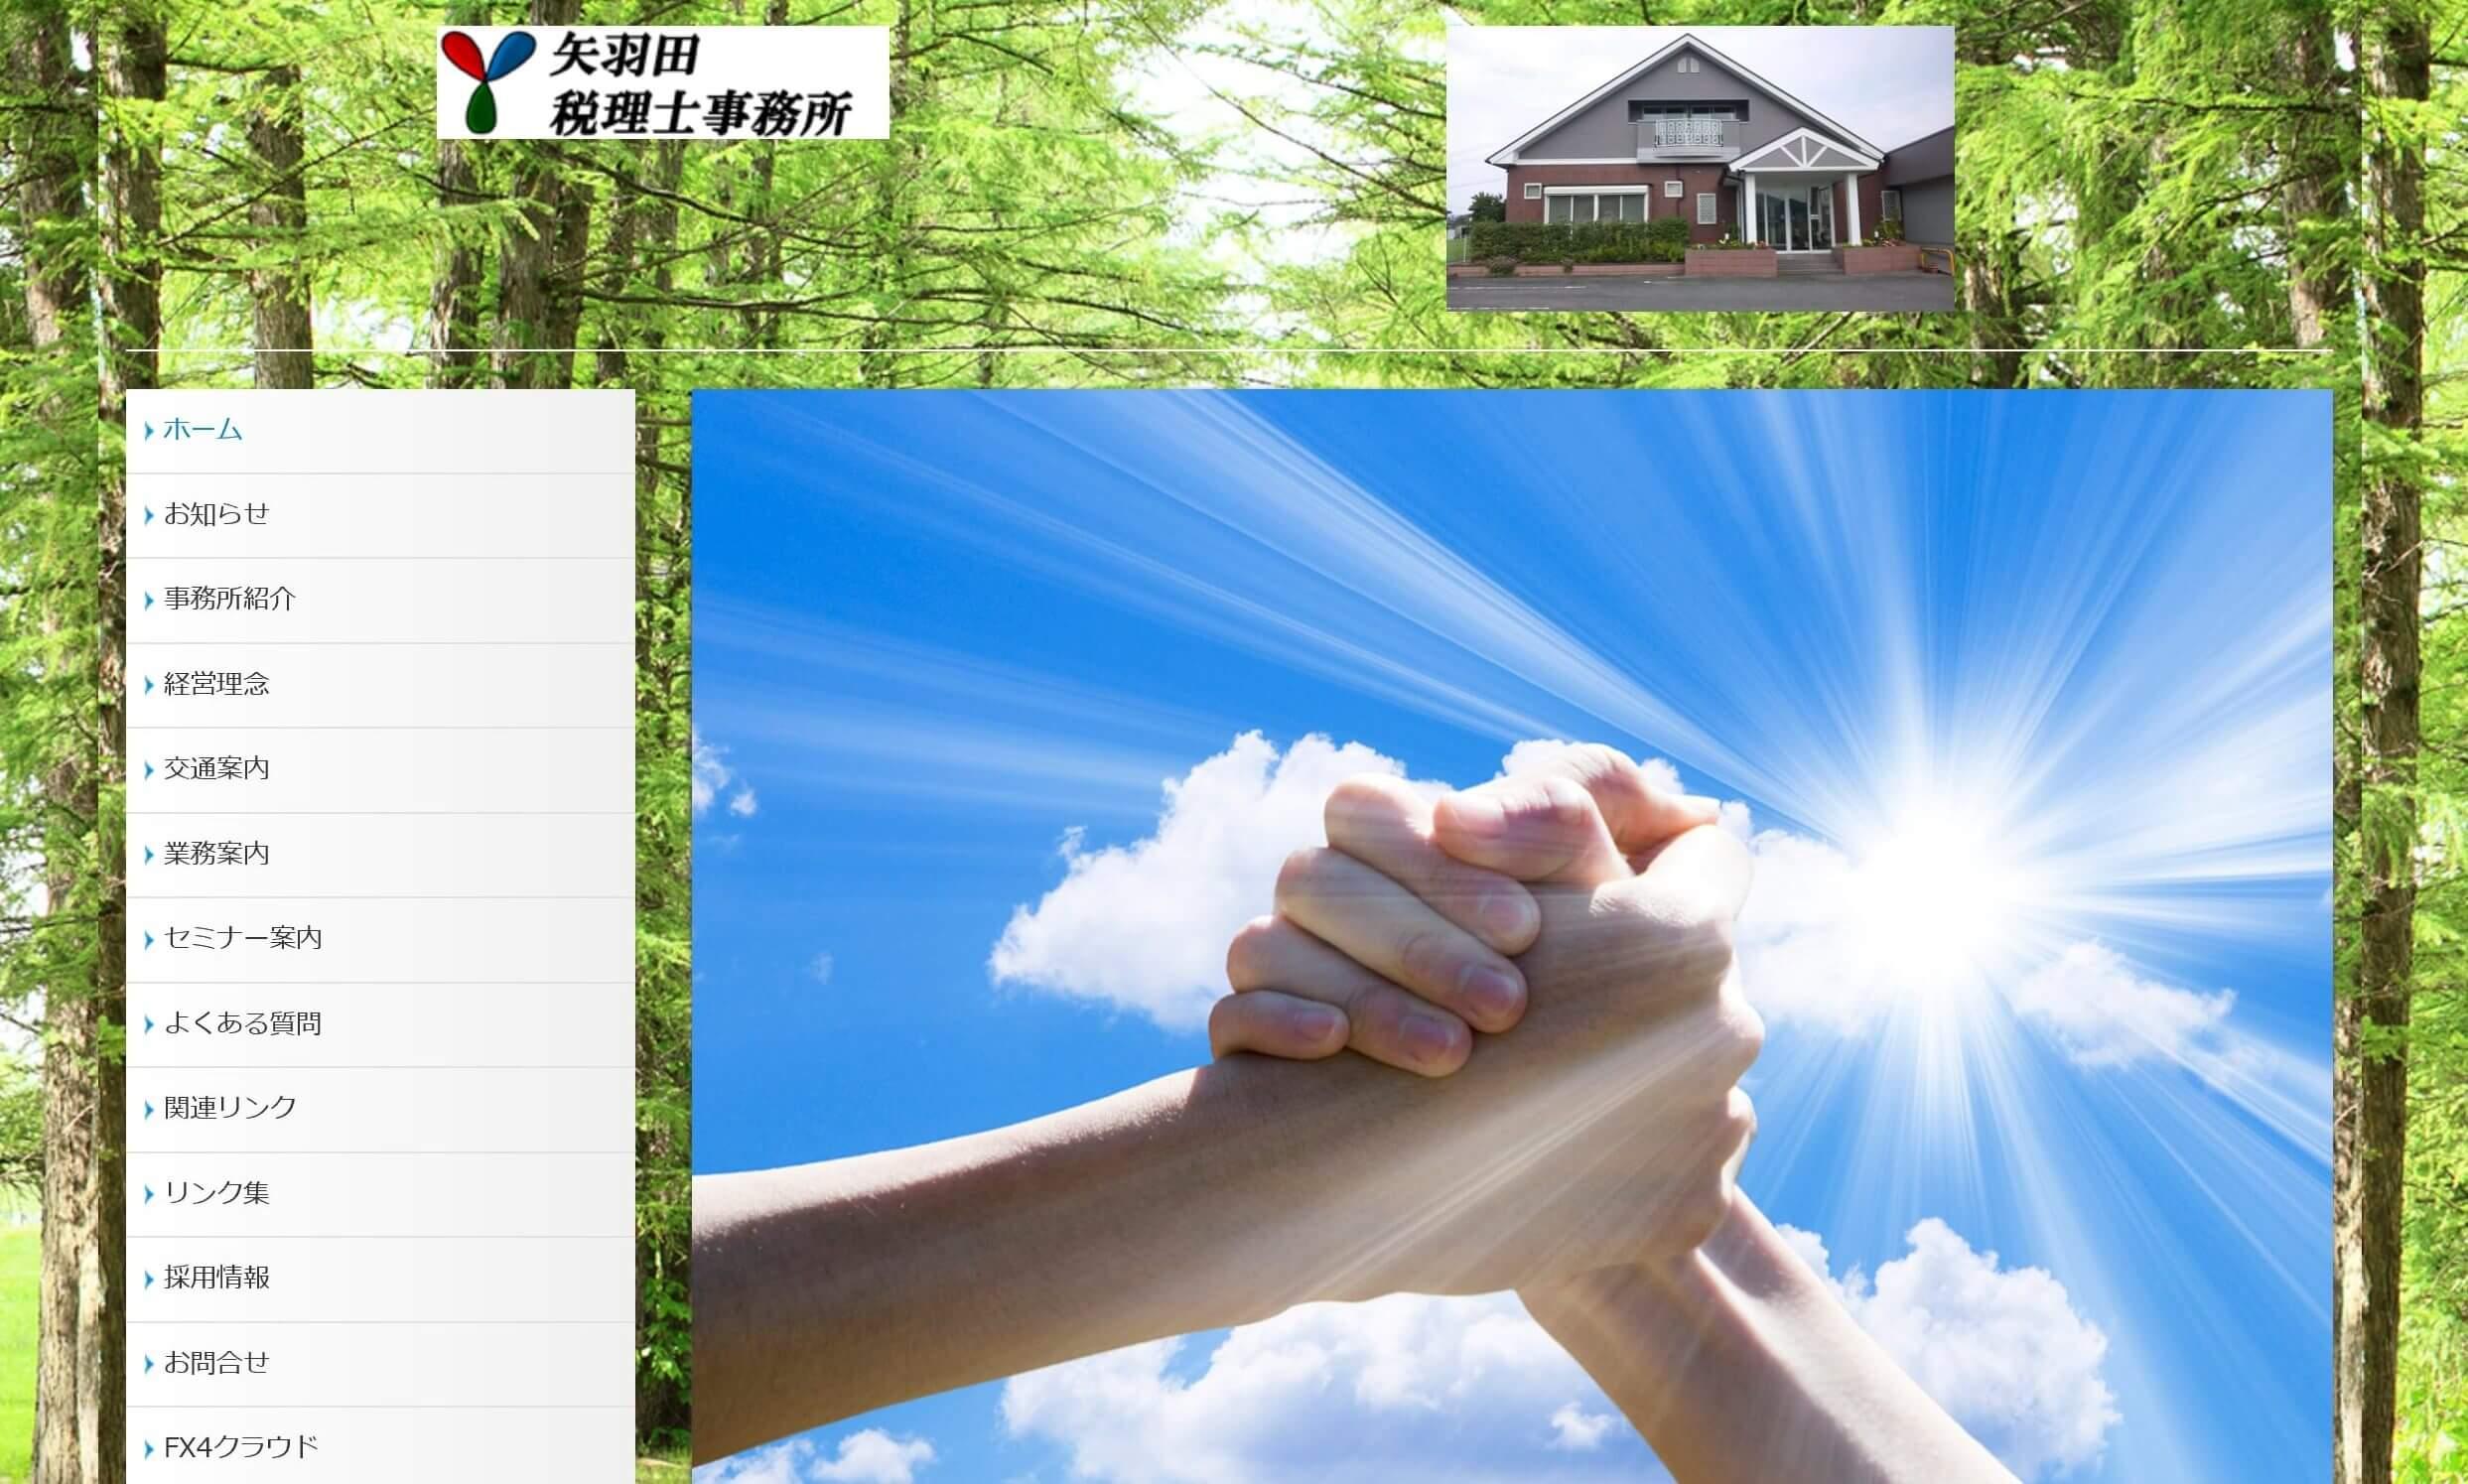 矢羽田税理士事務所